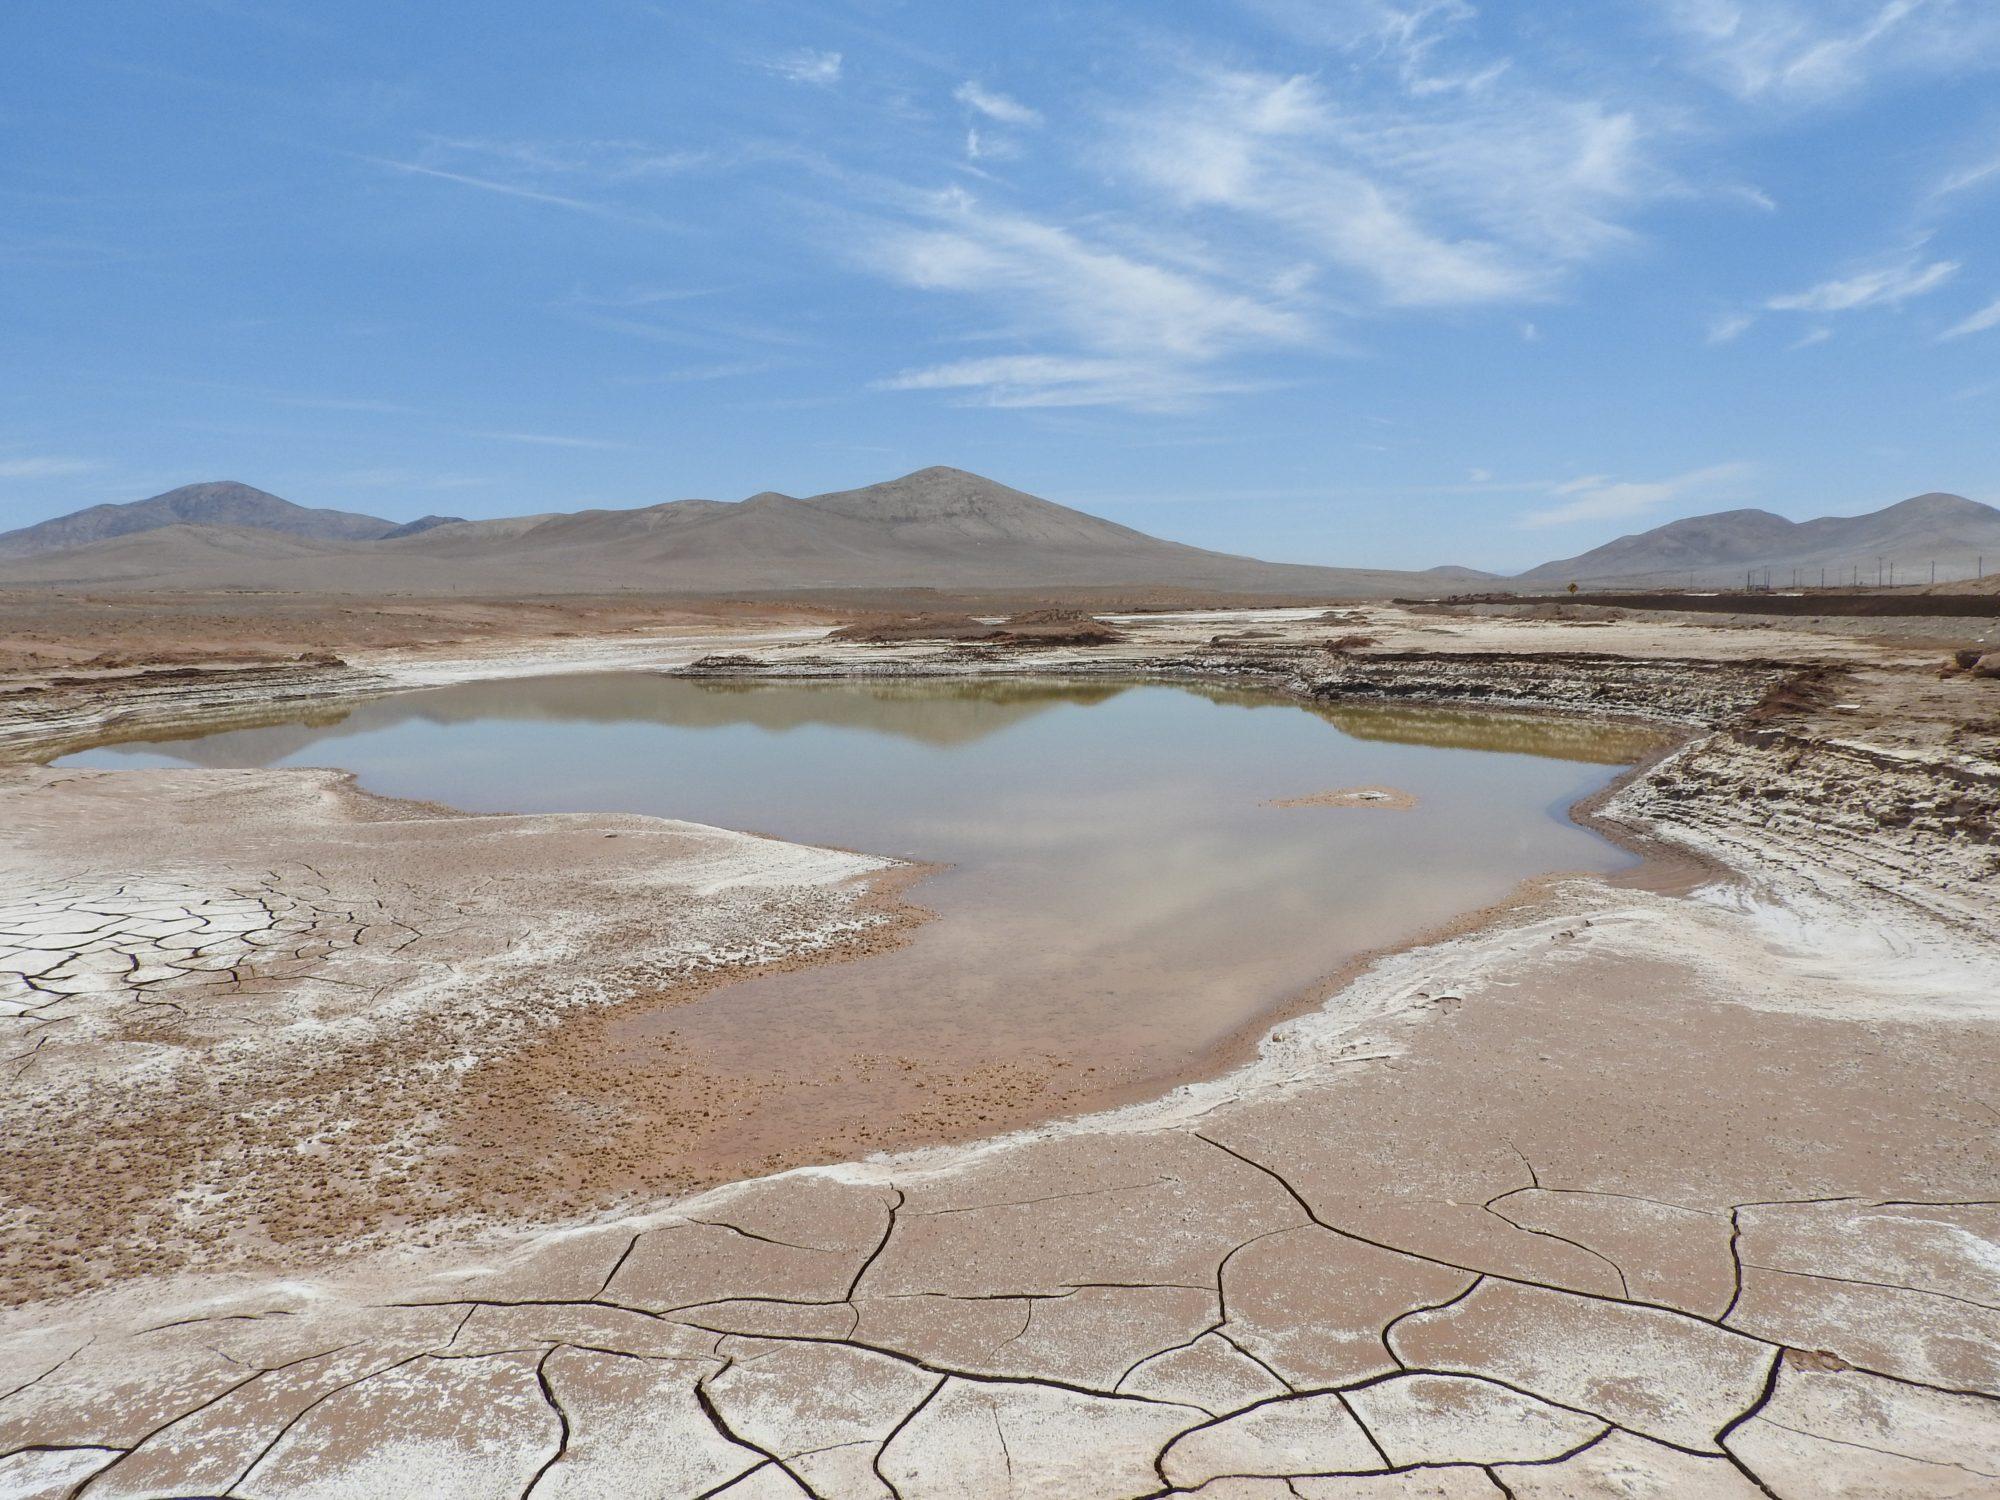 La lluvia en el desierto de Atacama. Carlos González Silva